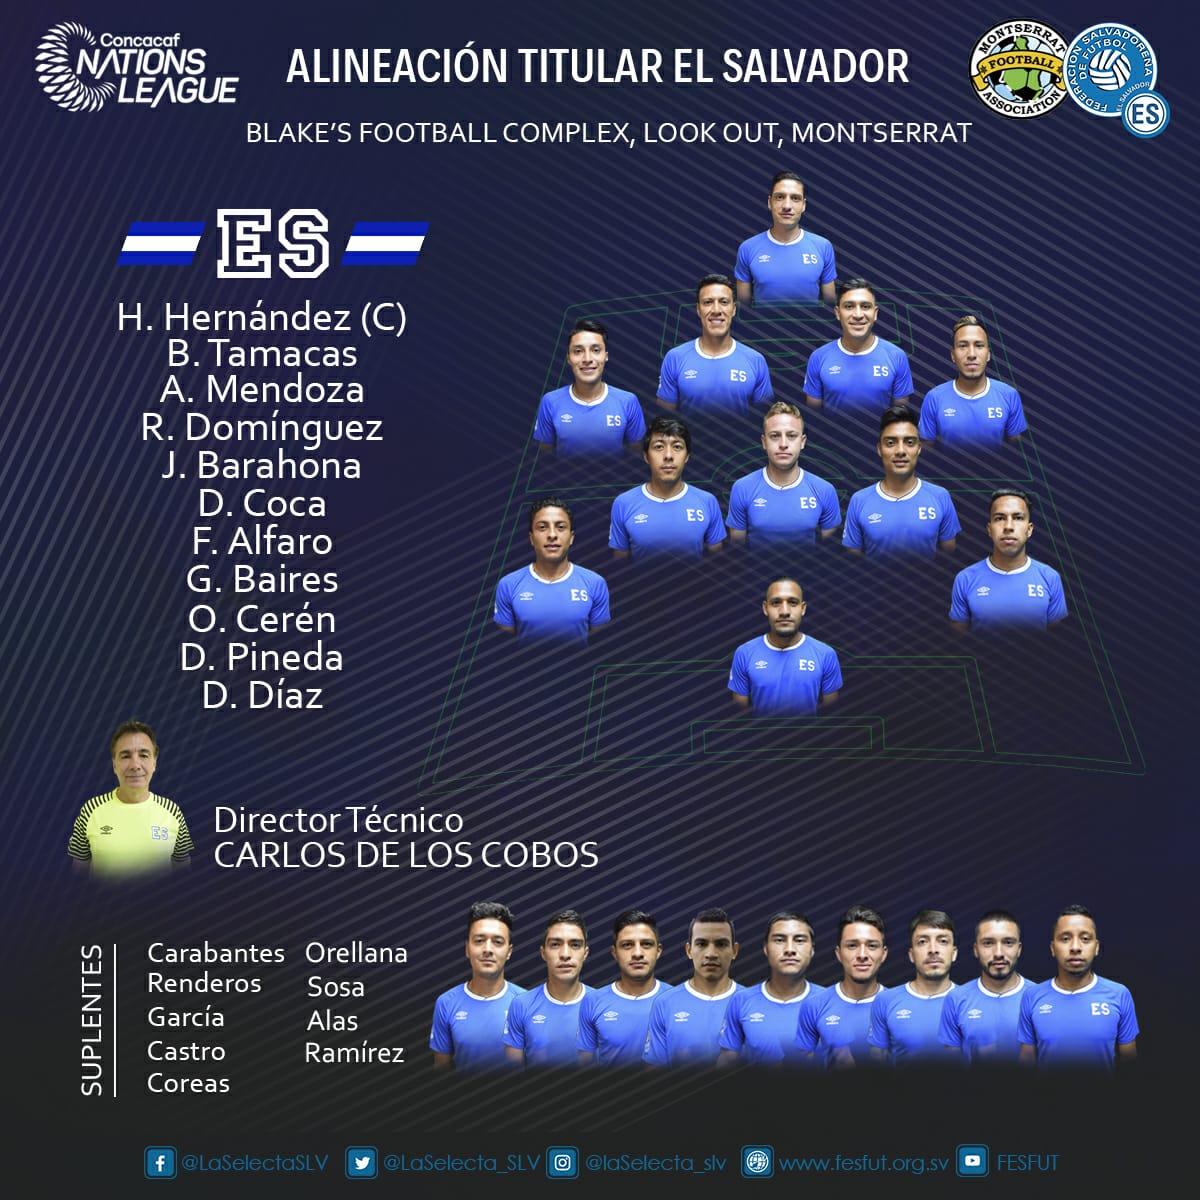 Liga de Naciones CONCACAF y Eliminatorias a Copa Oro 2019 [8 de septiembre del 2018 - Monserrat] DmmfUZLXgAERcSr